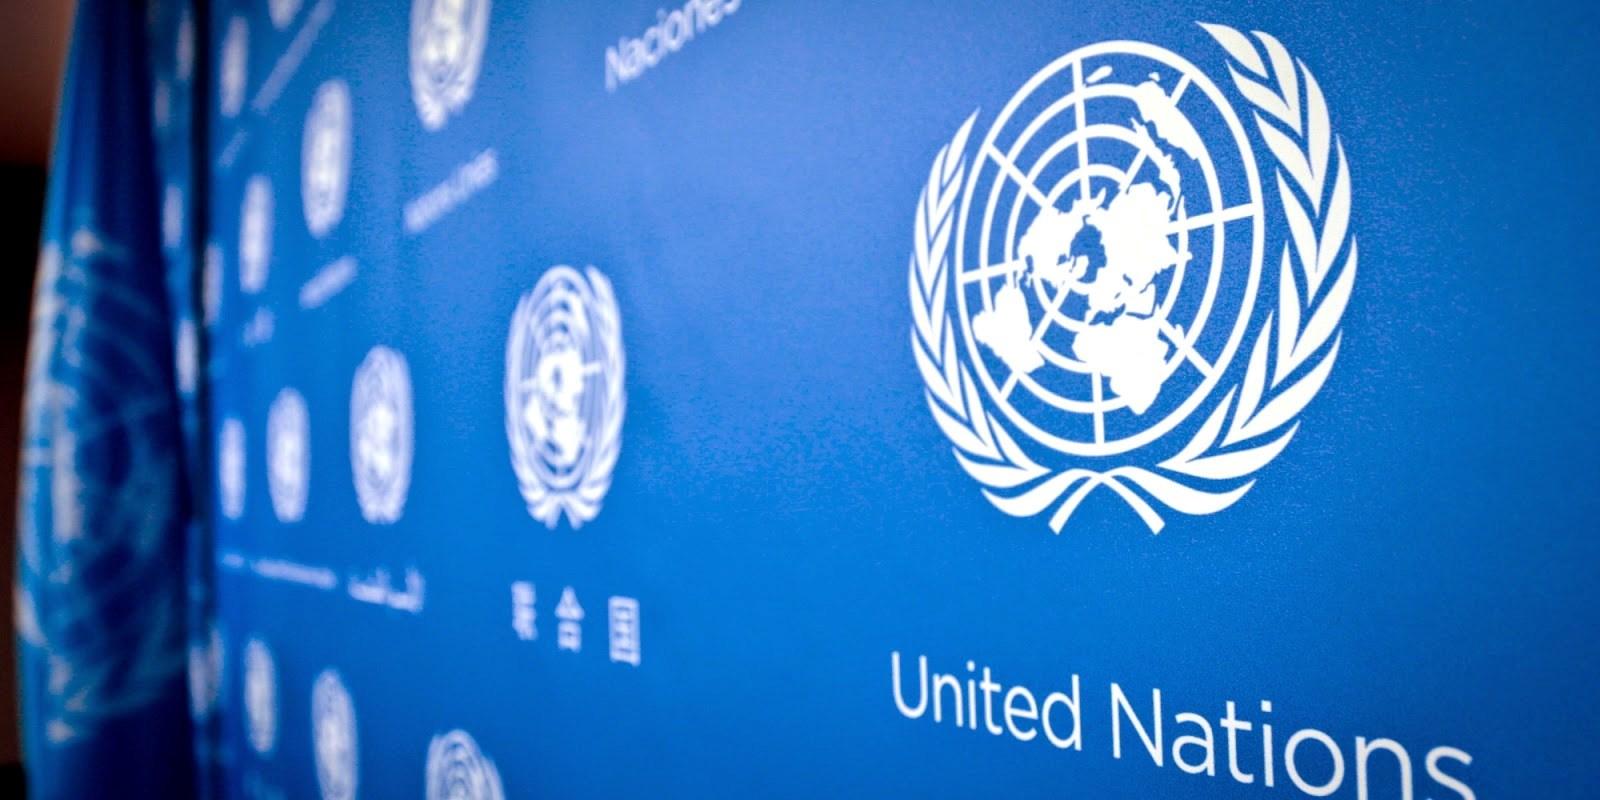 الأمم المتحدة تطلق خطة إنسانية عالمية لمواجهة كورونا